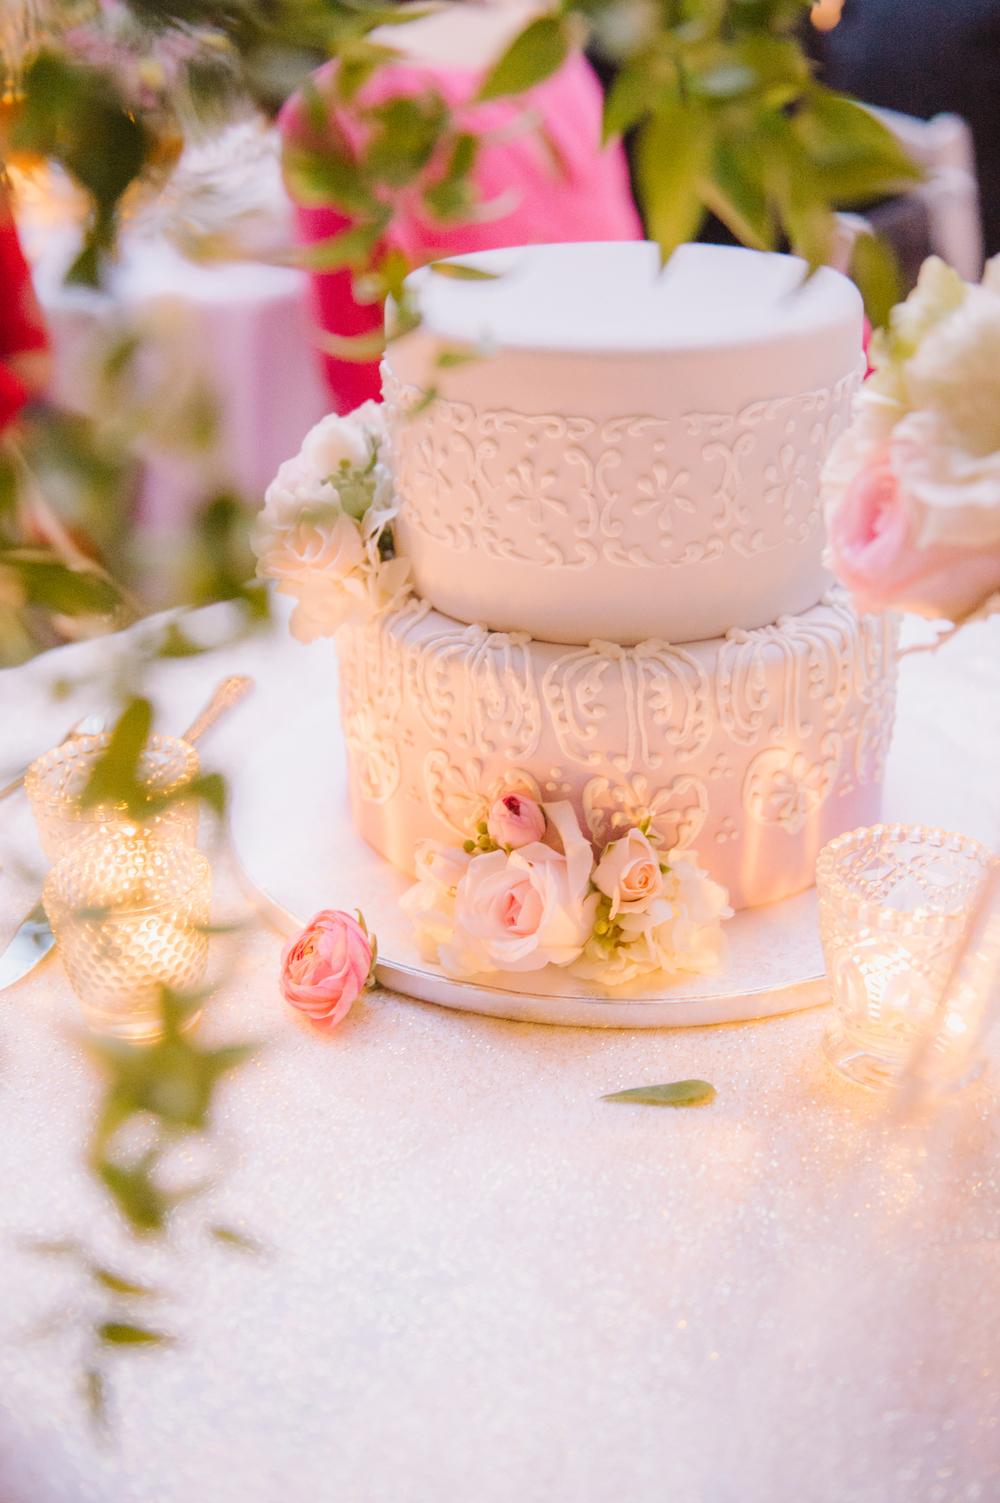 Leah_042615_Cake.jpg